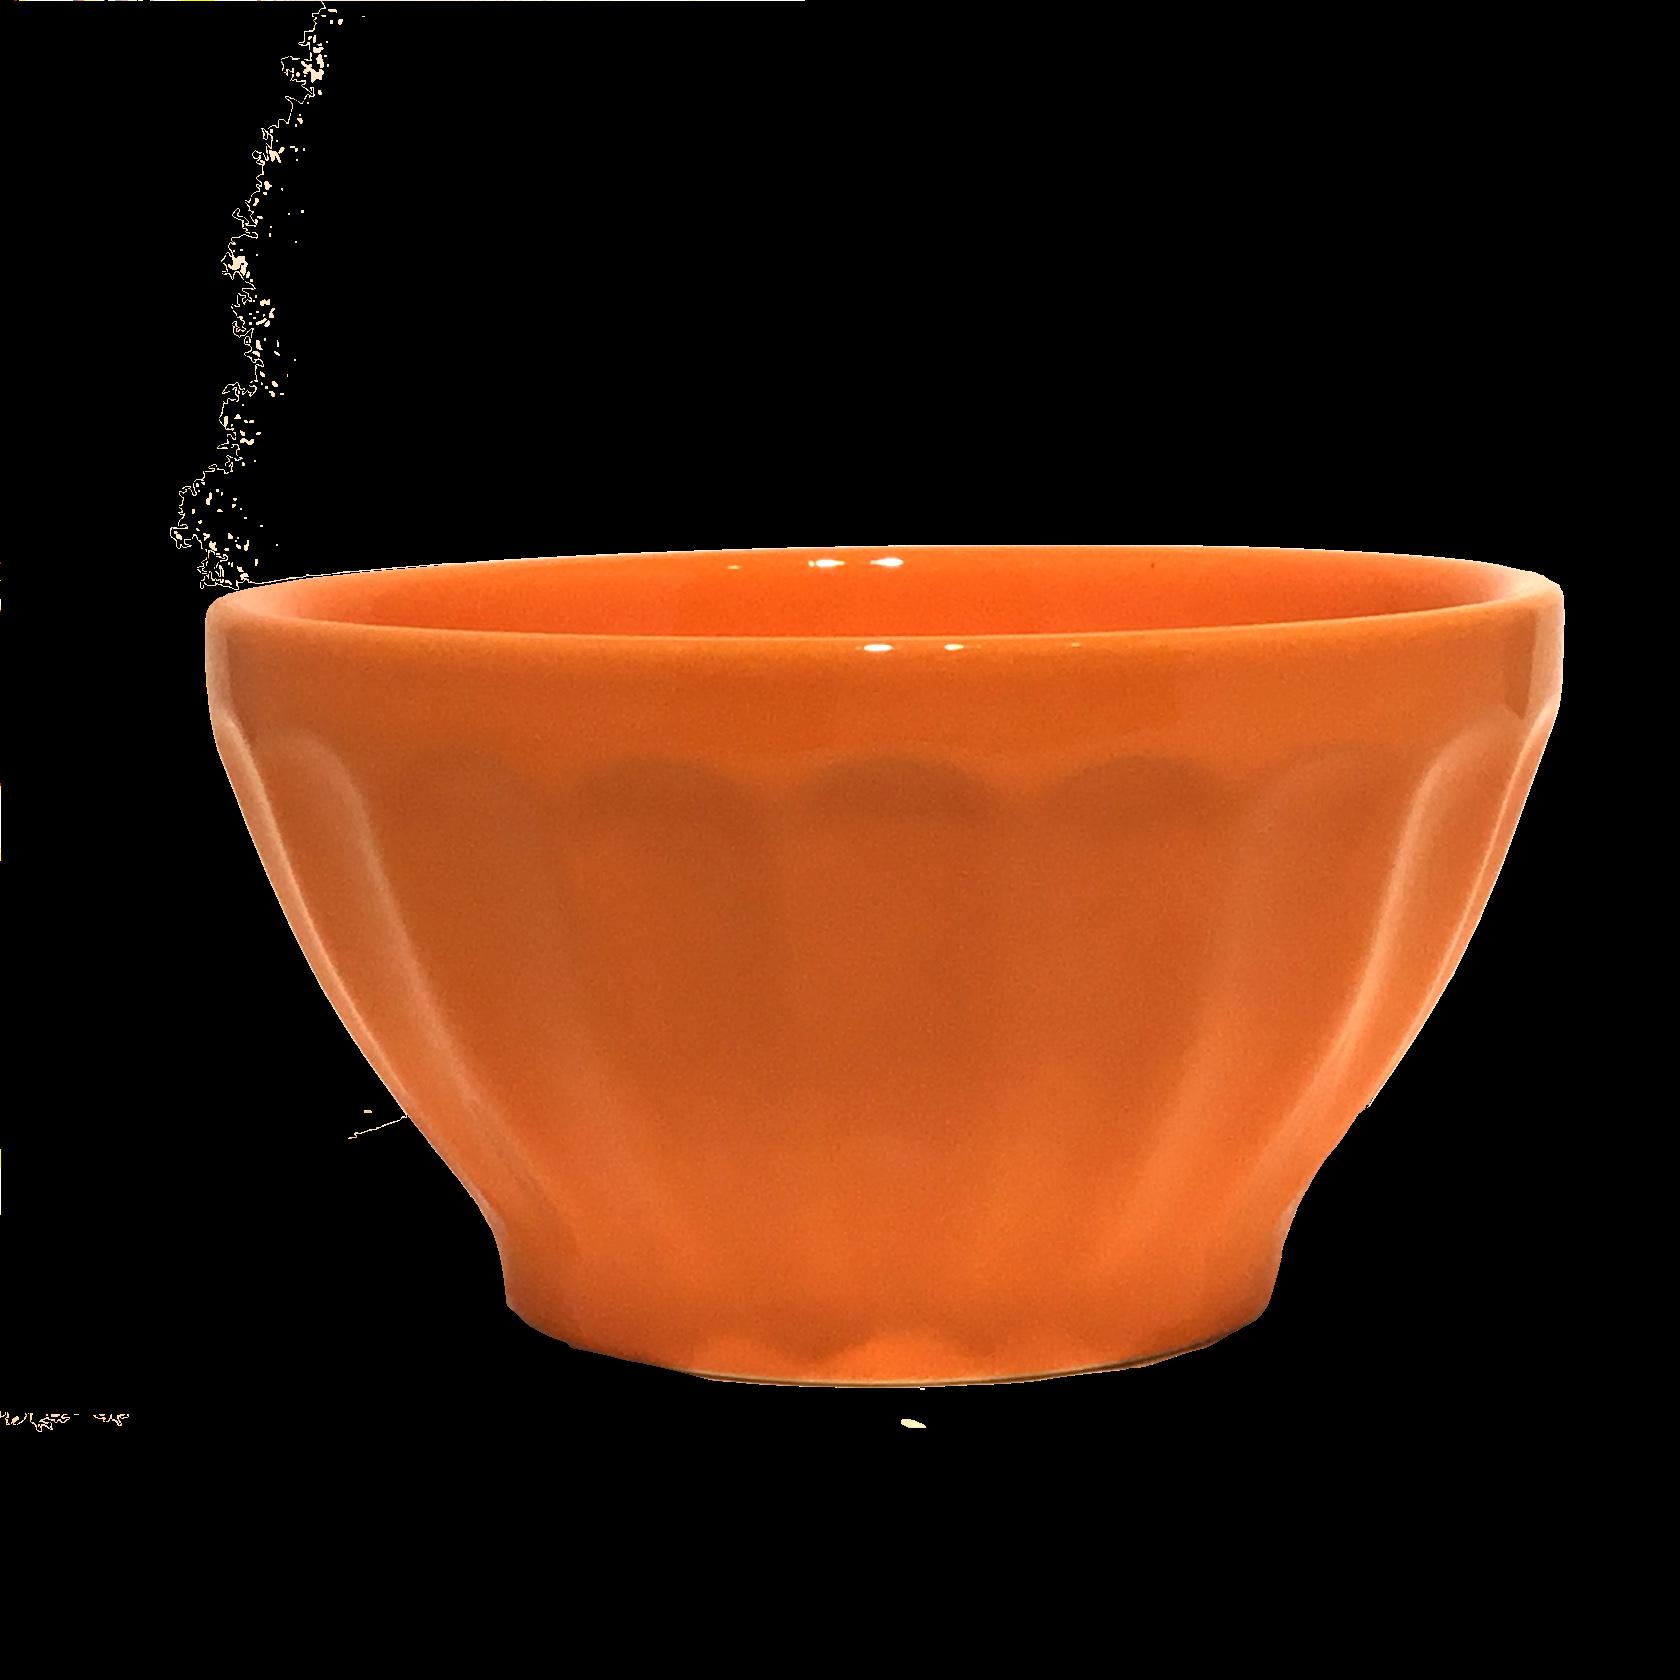 Bowl Cote mm-6